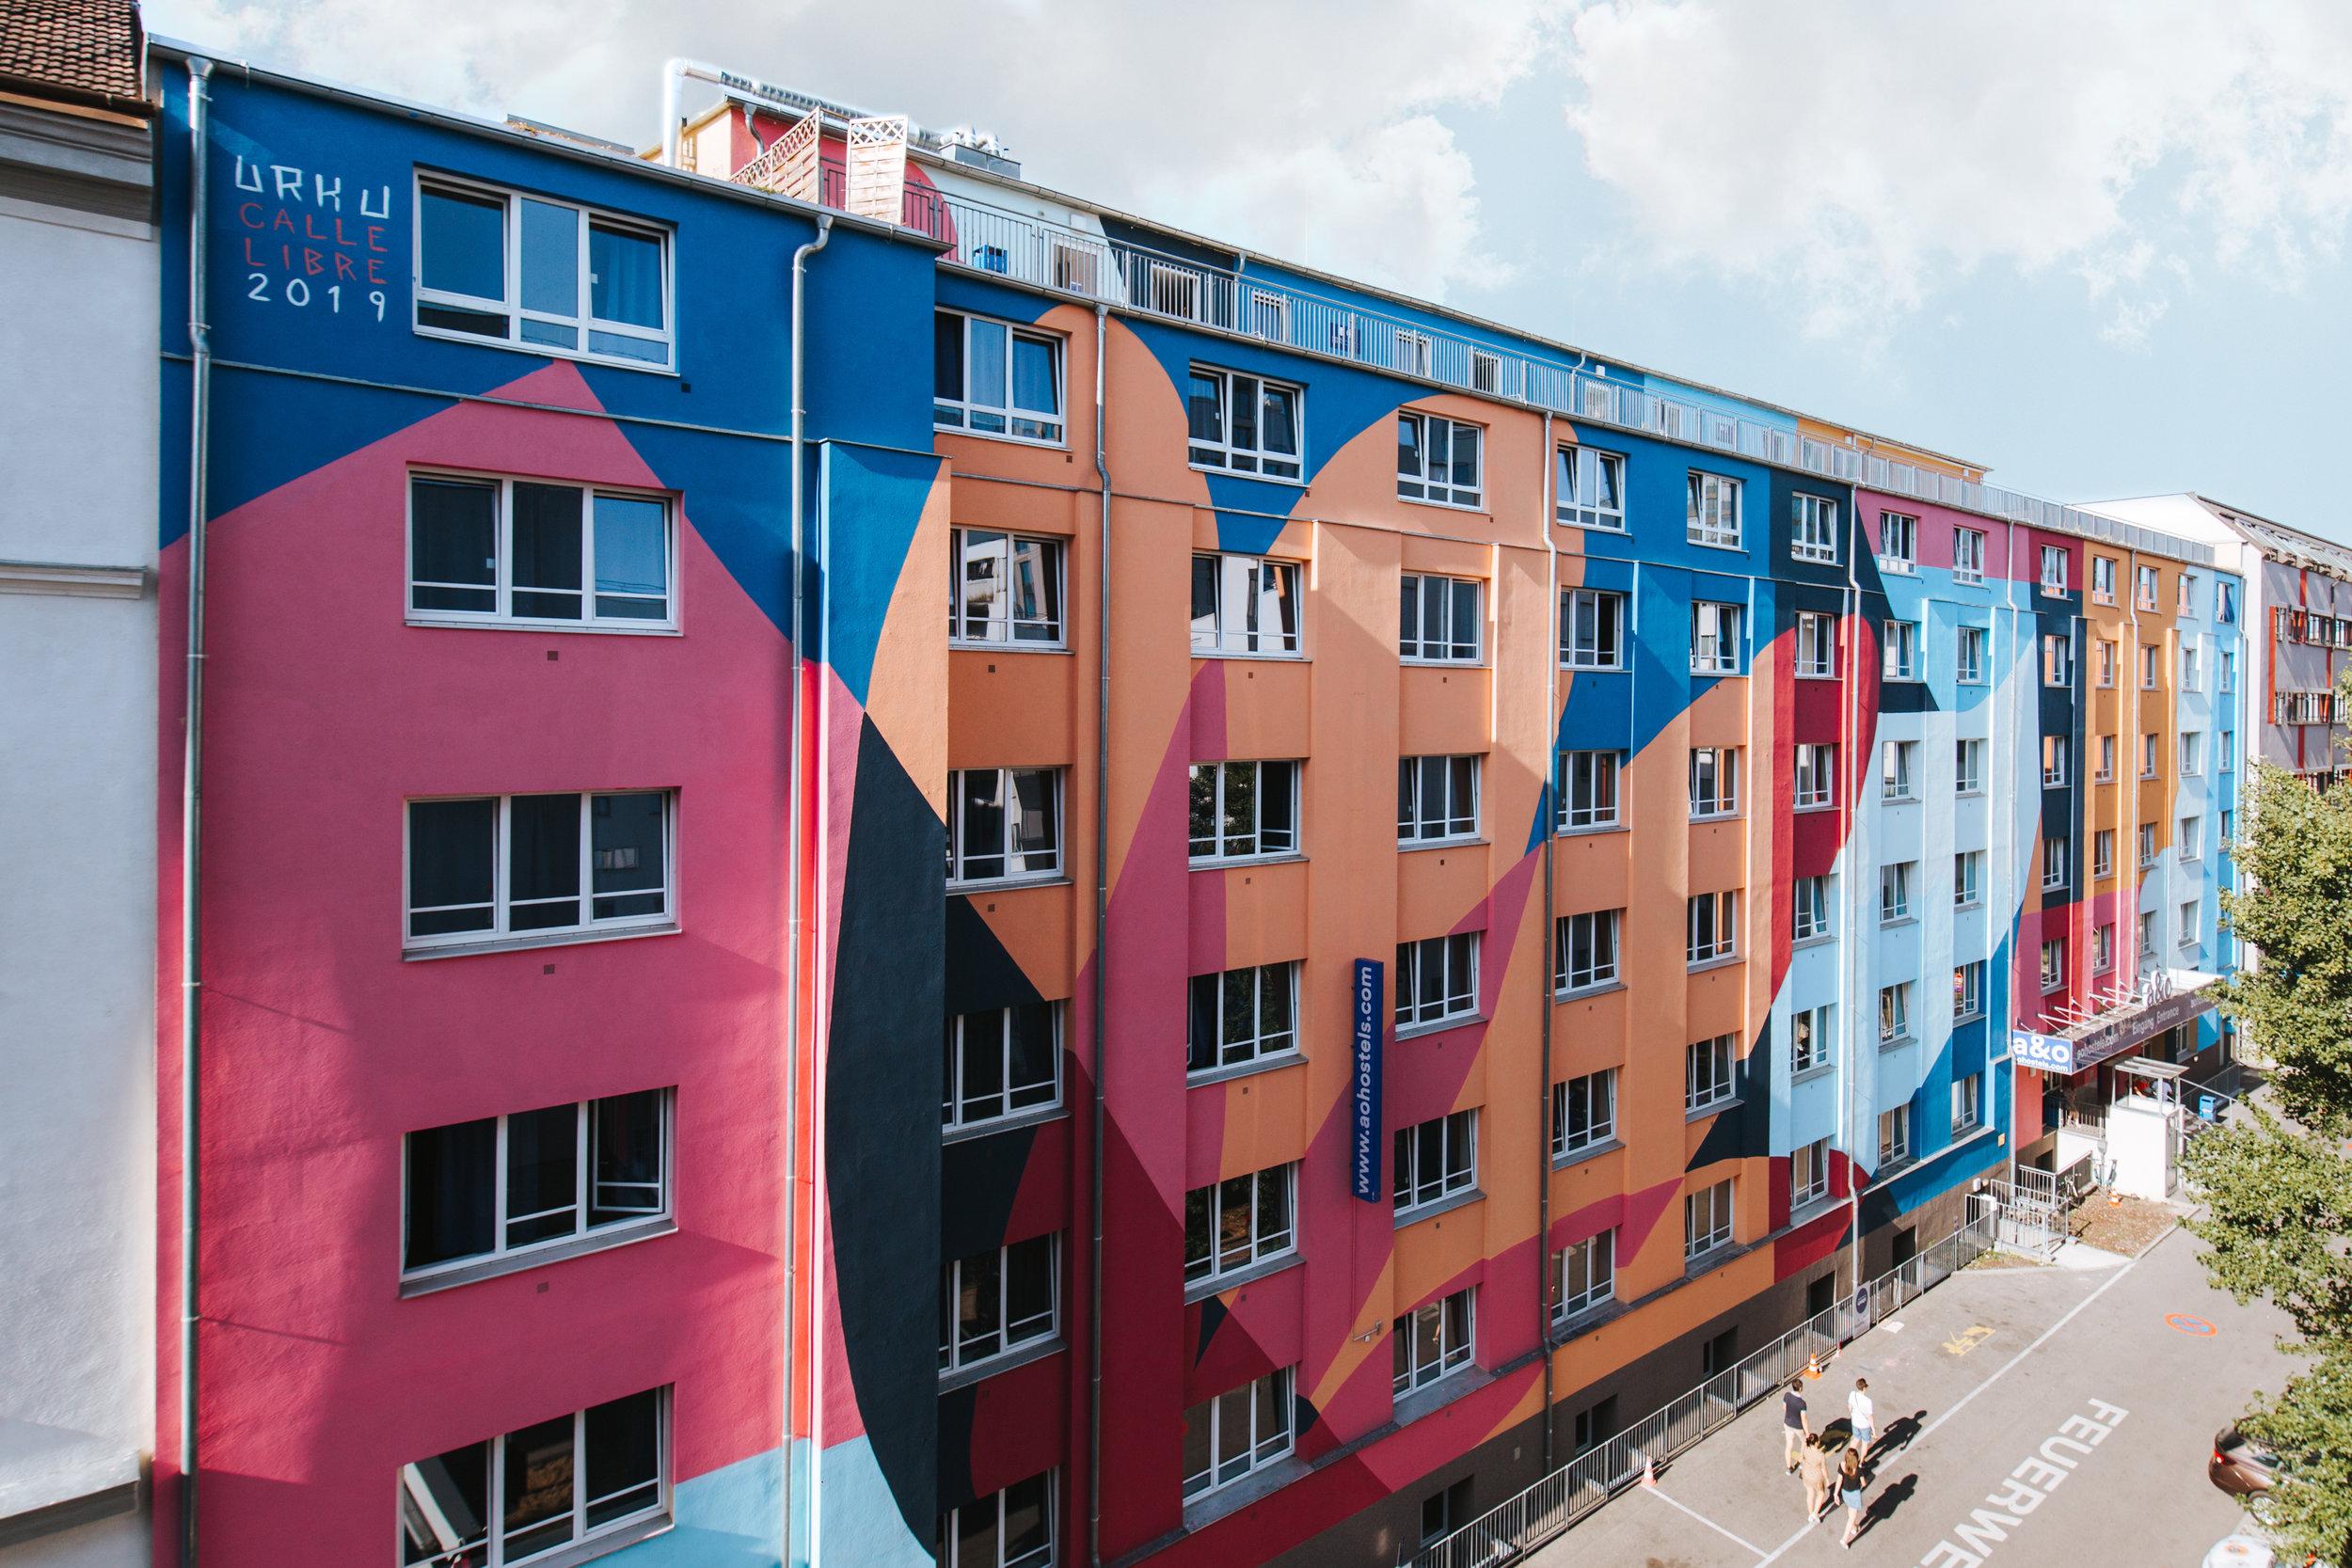 Calle Libre mural festival - Vienna - 2019